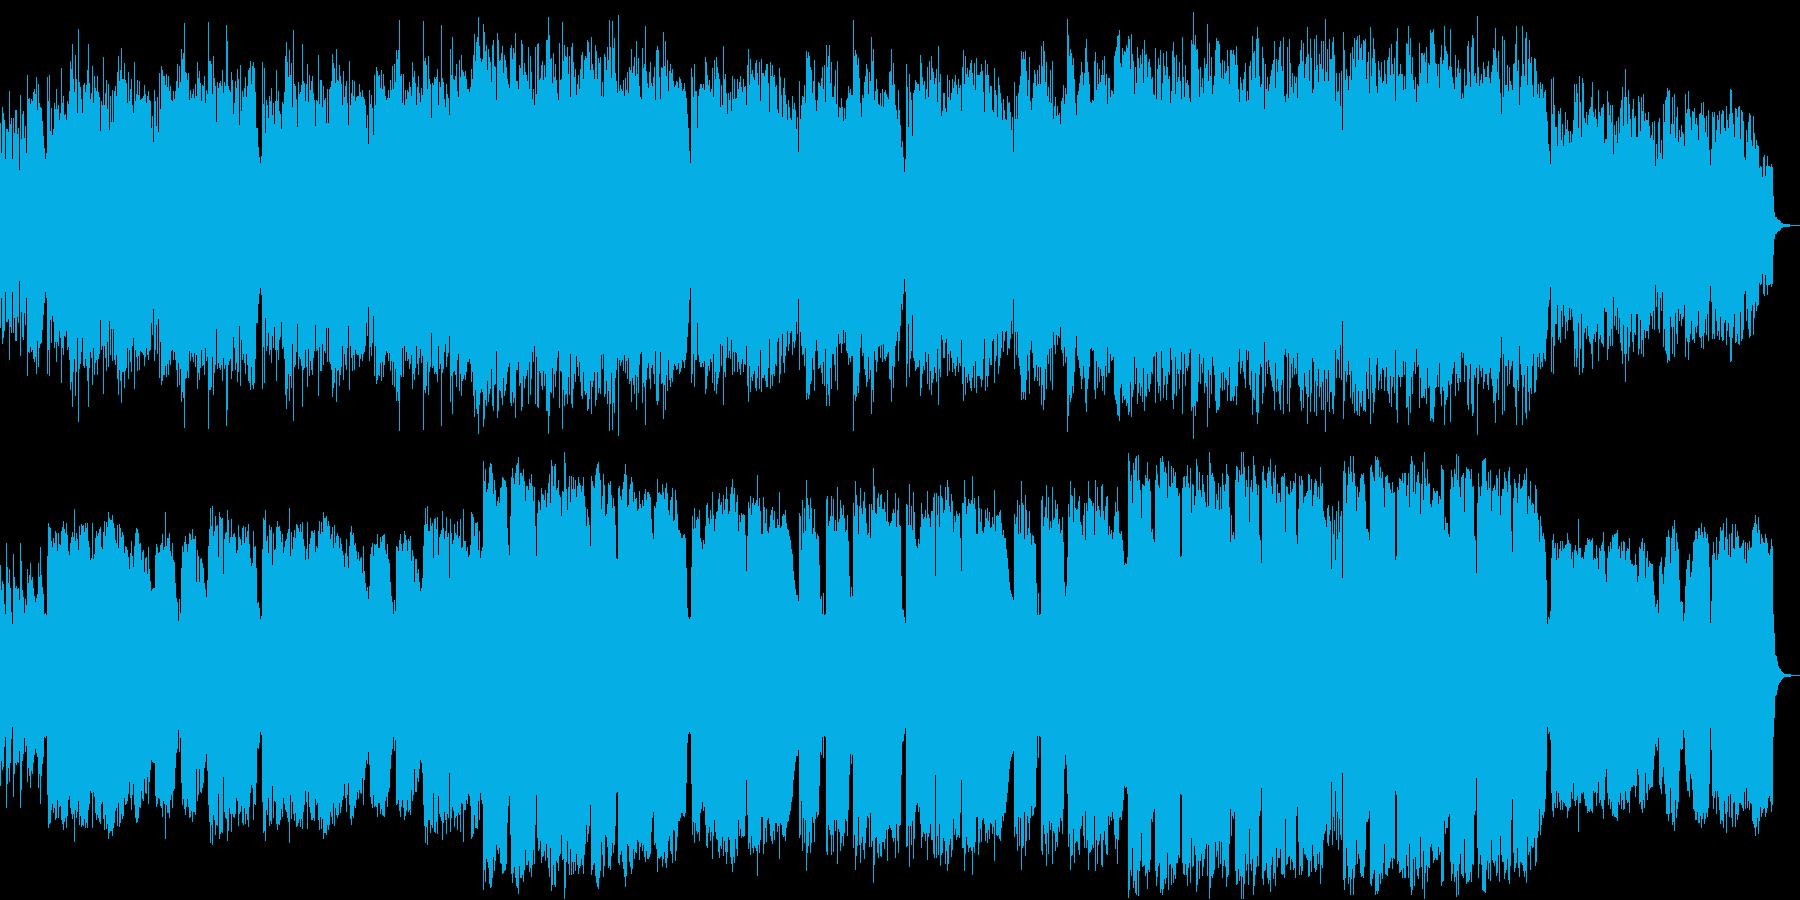 ロマンチックな大人の渋いピアノバラード曲の再生済みの波形